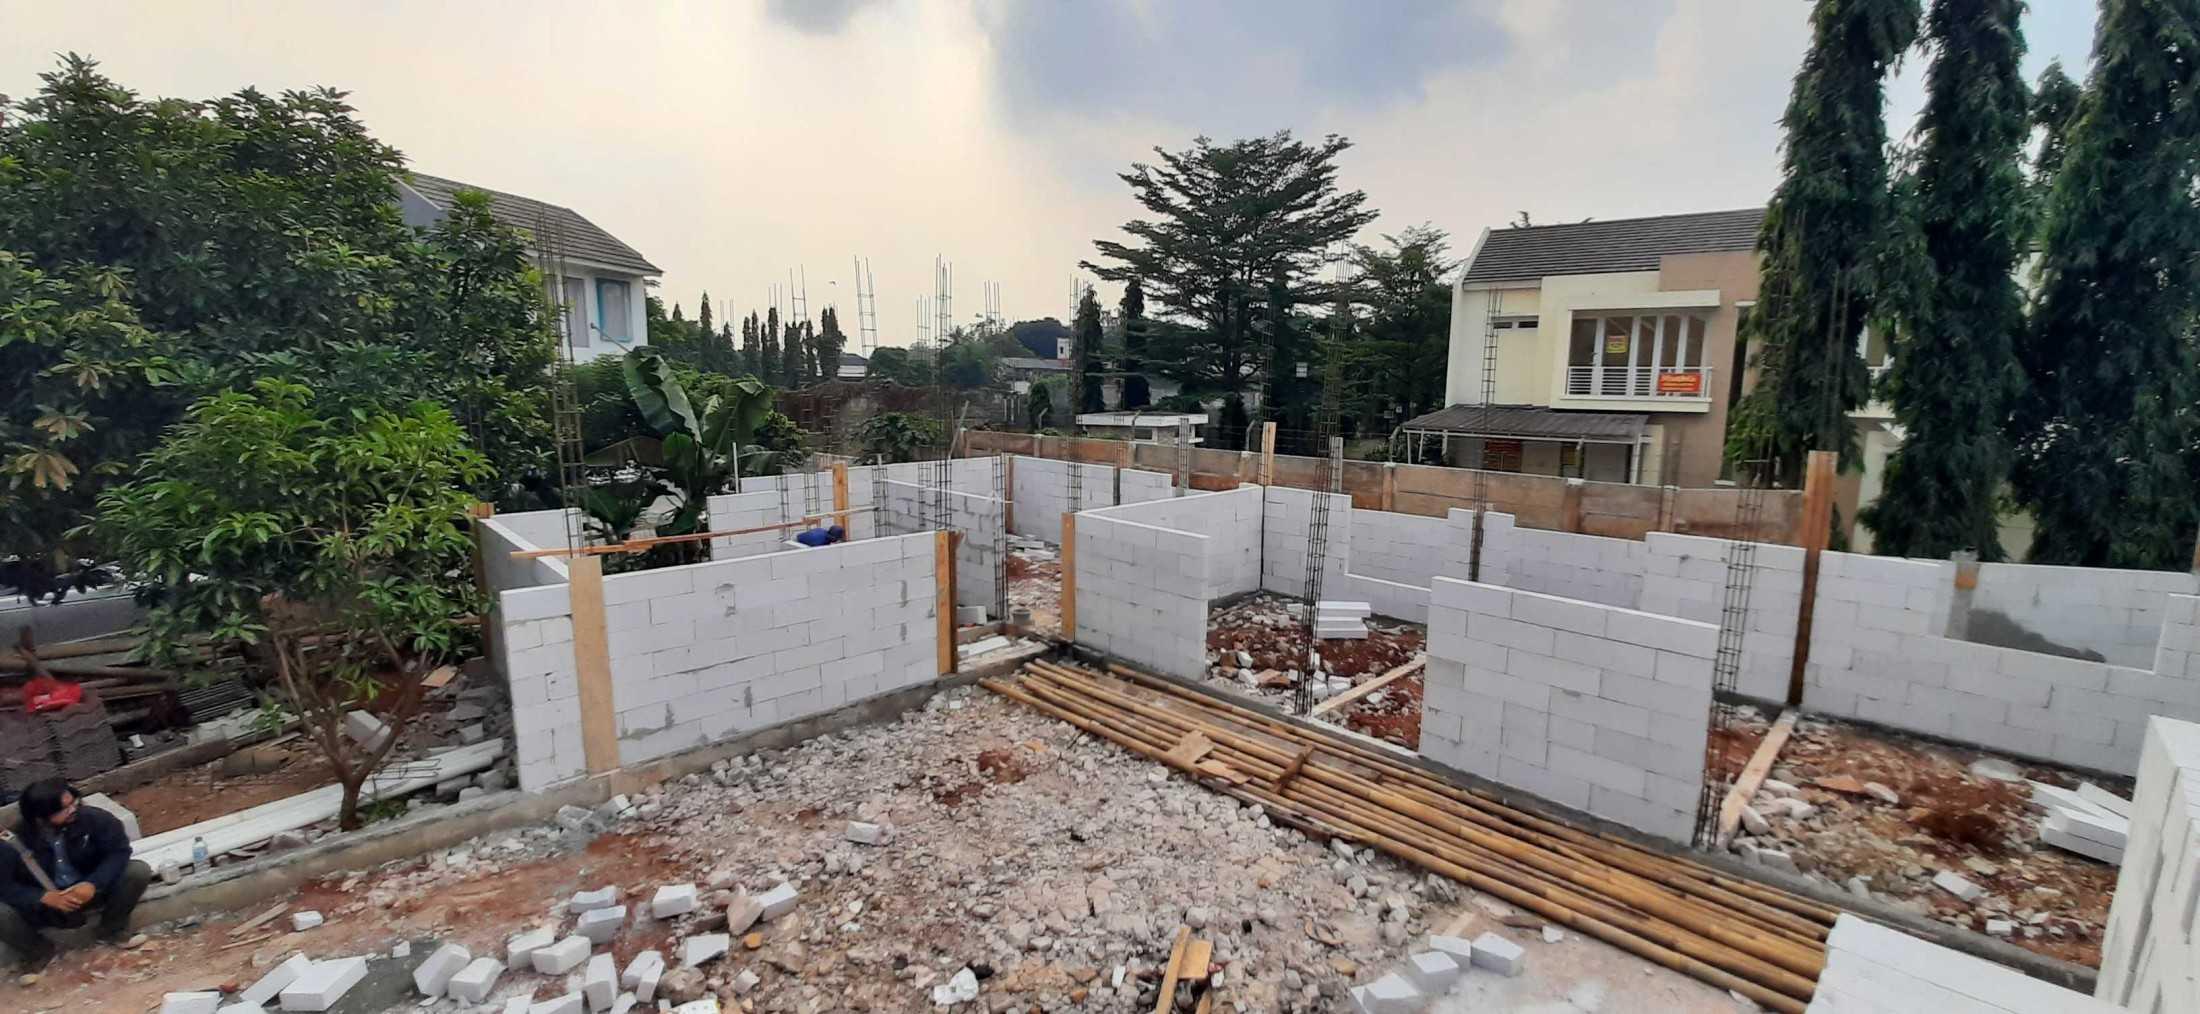 Dwi Dwara Citra Puri Bintaro Residence 2 Jalan Puri Bintaro Residence 2,, Serua Indah, Kec. Ciputat, Kota Tangerang Selatan, Banten 15414, Indonesia Jalan Puri Bintaro Residence 2,, Serua Indah, Kec. Ciputat, Kota Tangerang Selatan, Banten 15414, Indonesia Dwi-Dwara-Citra-Puri-Bintaro-Residence-2  131107